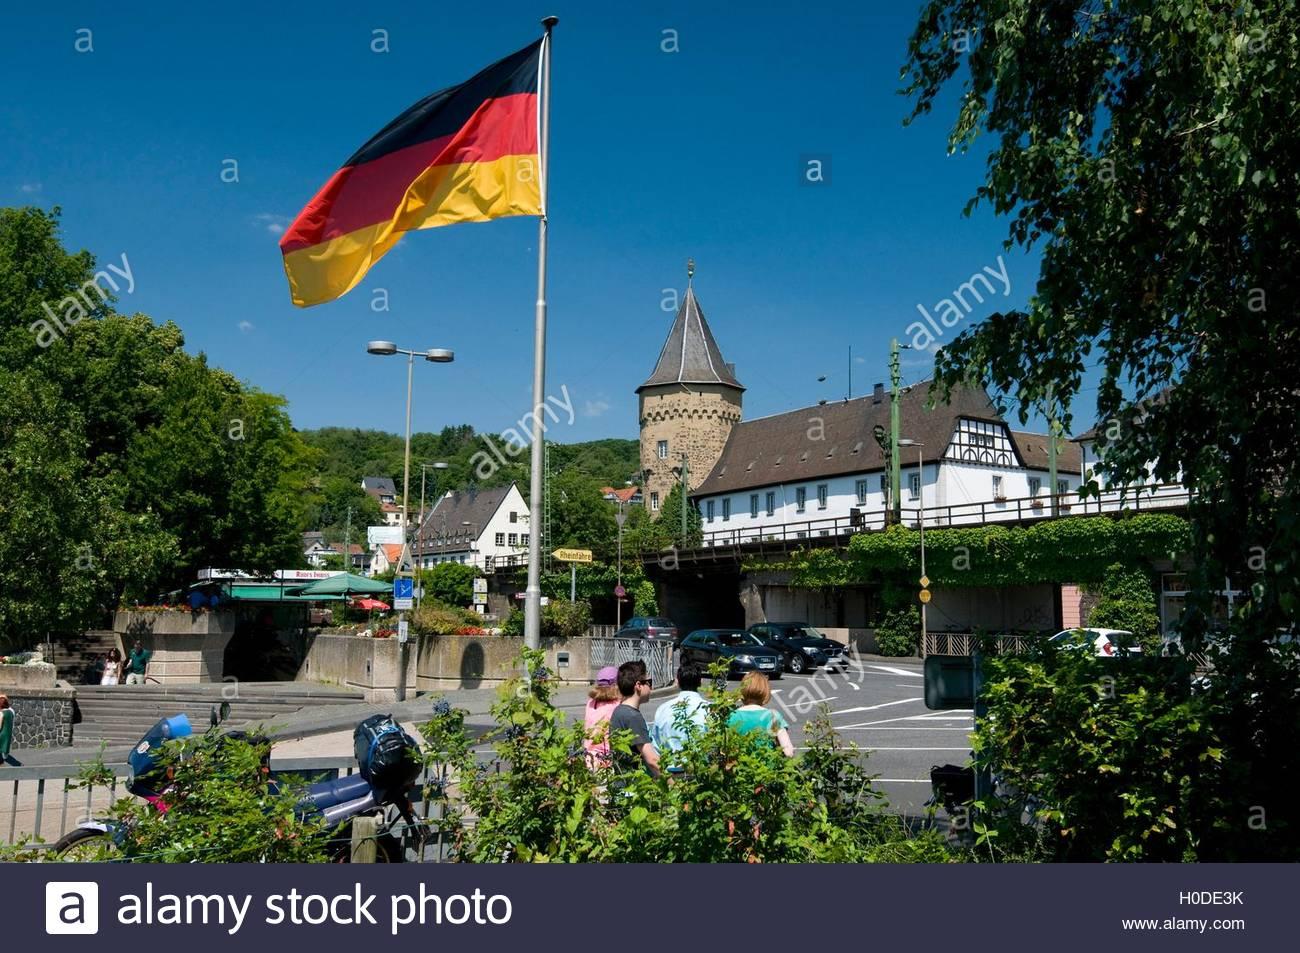 BLWX090418 [(C) Blickwinkel/McPHOTOx/Rainer Waldkirch Tel. + 49 (0) 2302-2793220, E-mail: info@blickwinkel.de, Internet: Stockbild